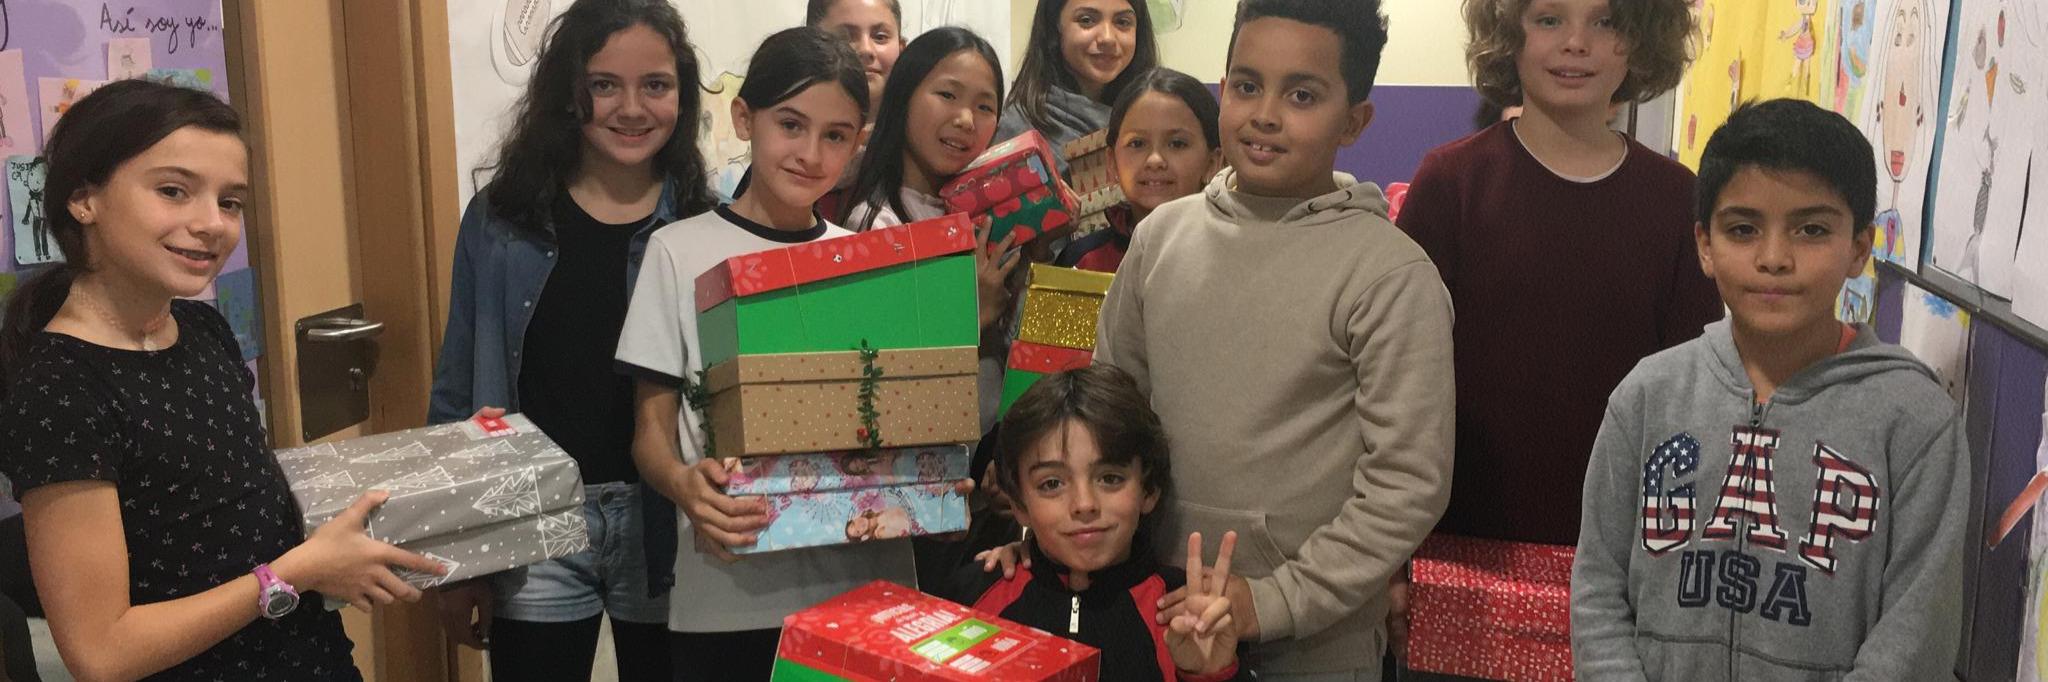 Muchas gracias: ¡¡hemos conseguido 535 cajas para Operación Niño de la Navidad!!